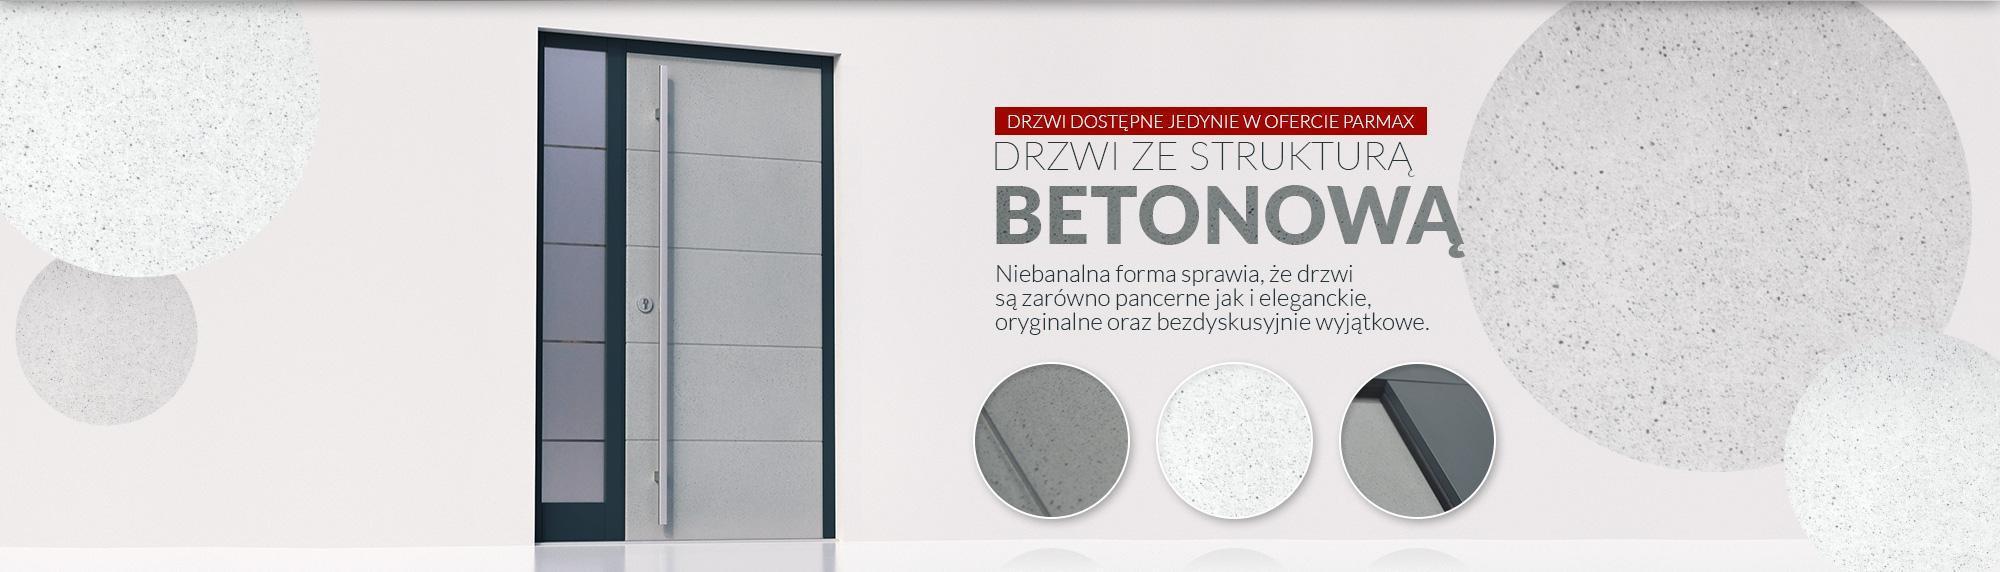 betonowe-n